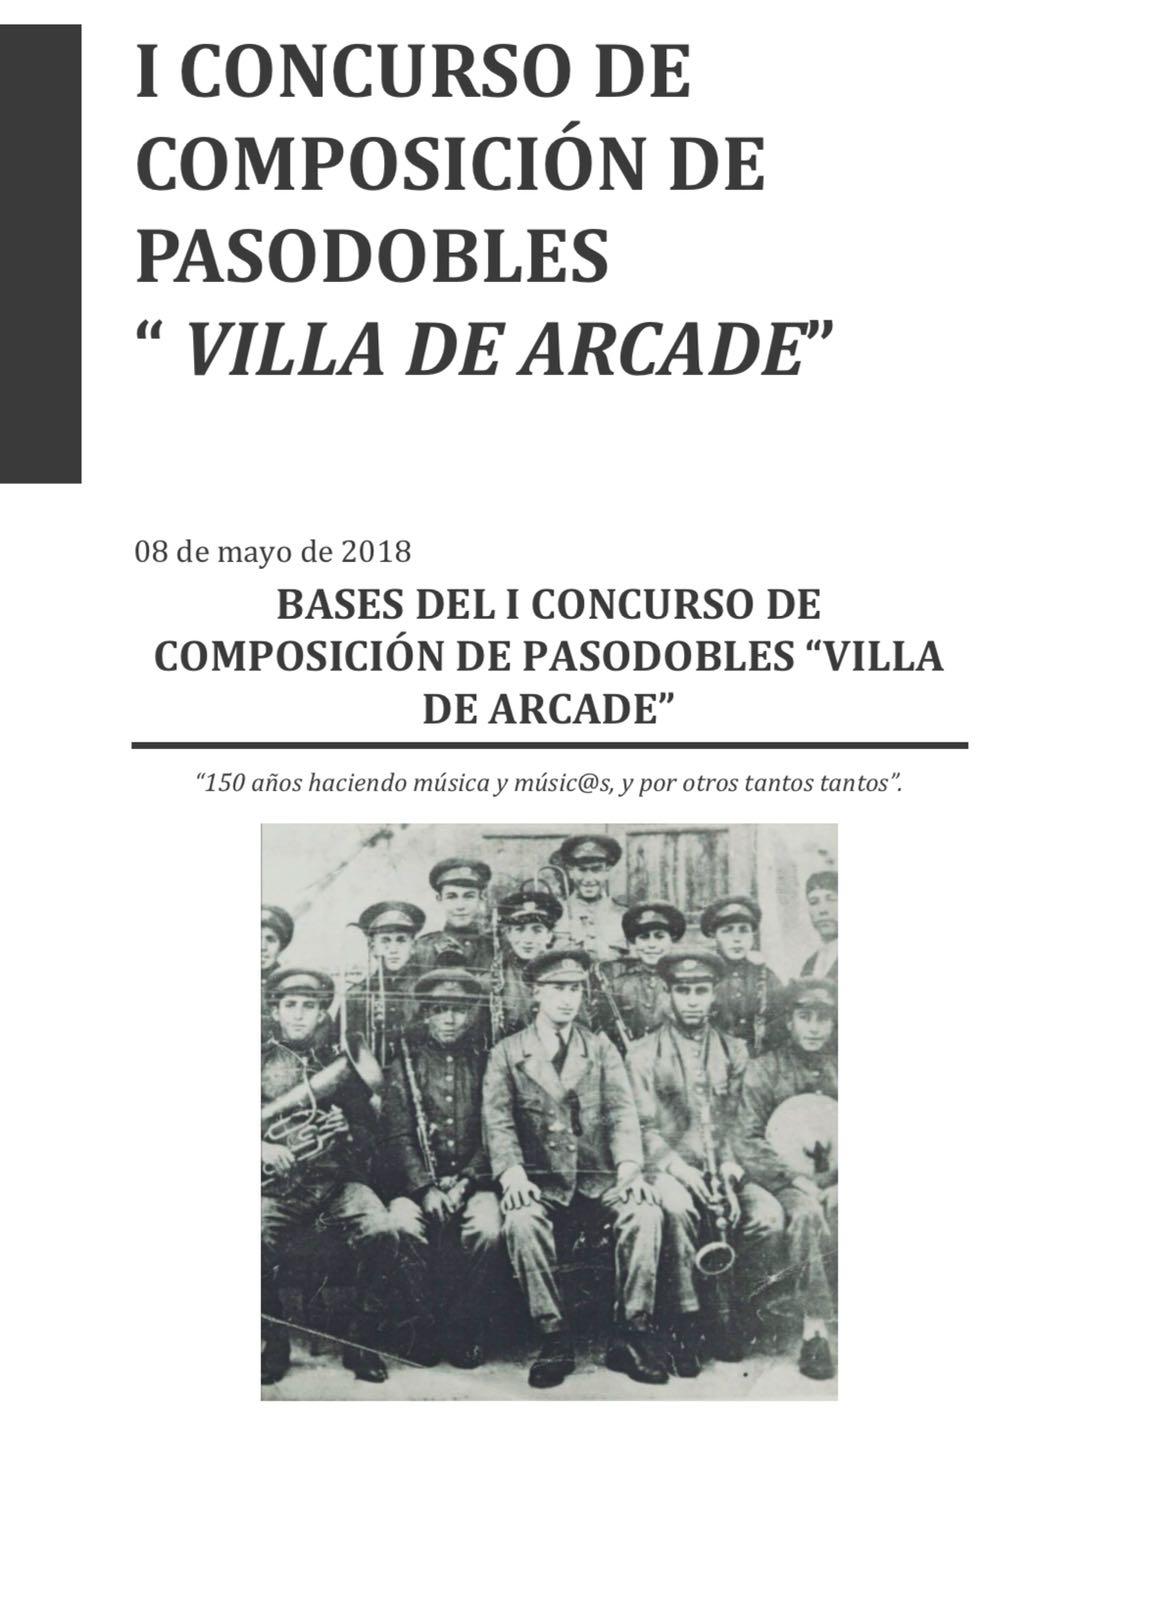 I Concurso Composición De Pasodobles Villa De Arcade